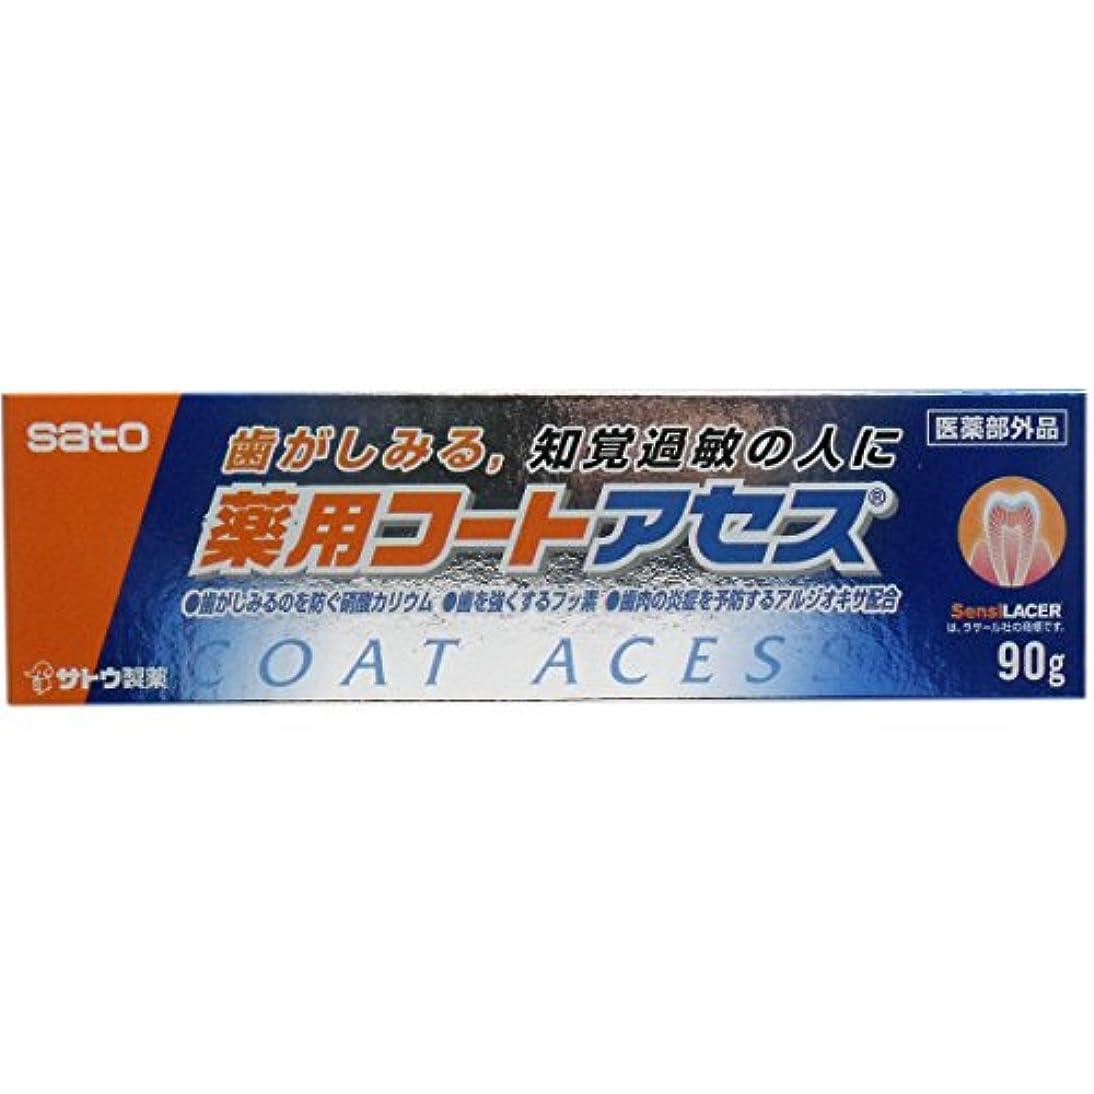 ドールシティ幾分サトウ製薬 薬用コートアセス 薬用歯みがき 90g ×8個セット